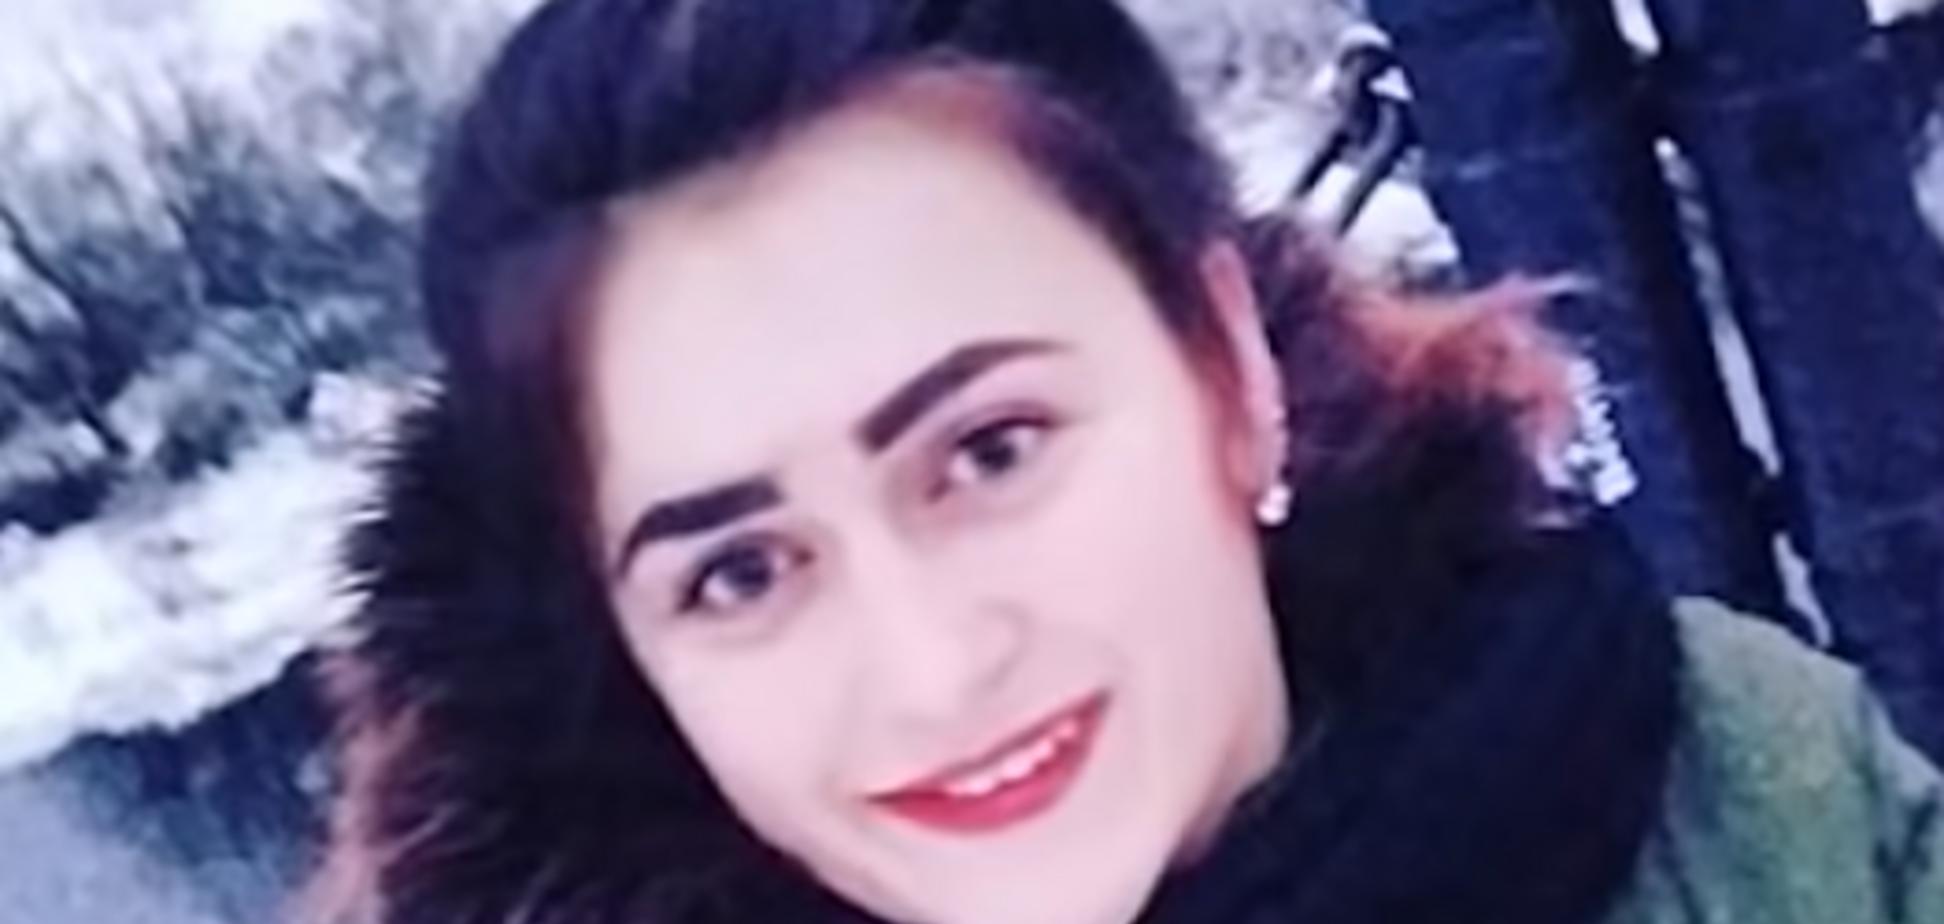 ''Вона пішла до авто'': у справі про загибель студентки в лісі на Житомирщині трапився несподіваний поворот